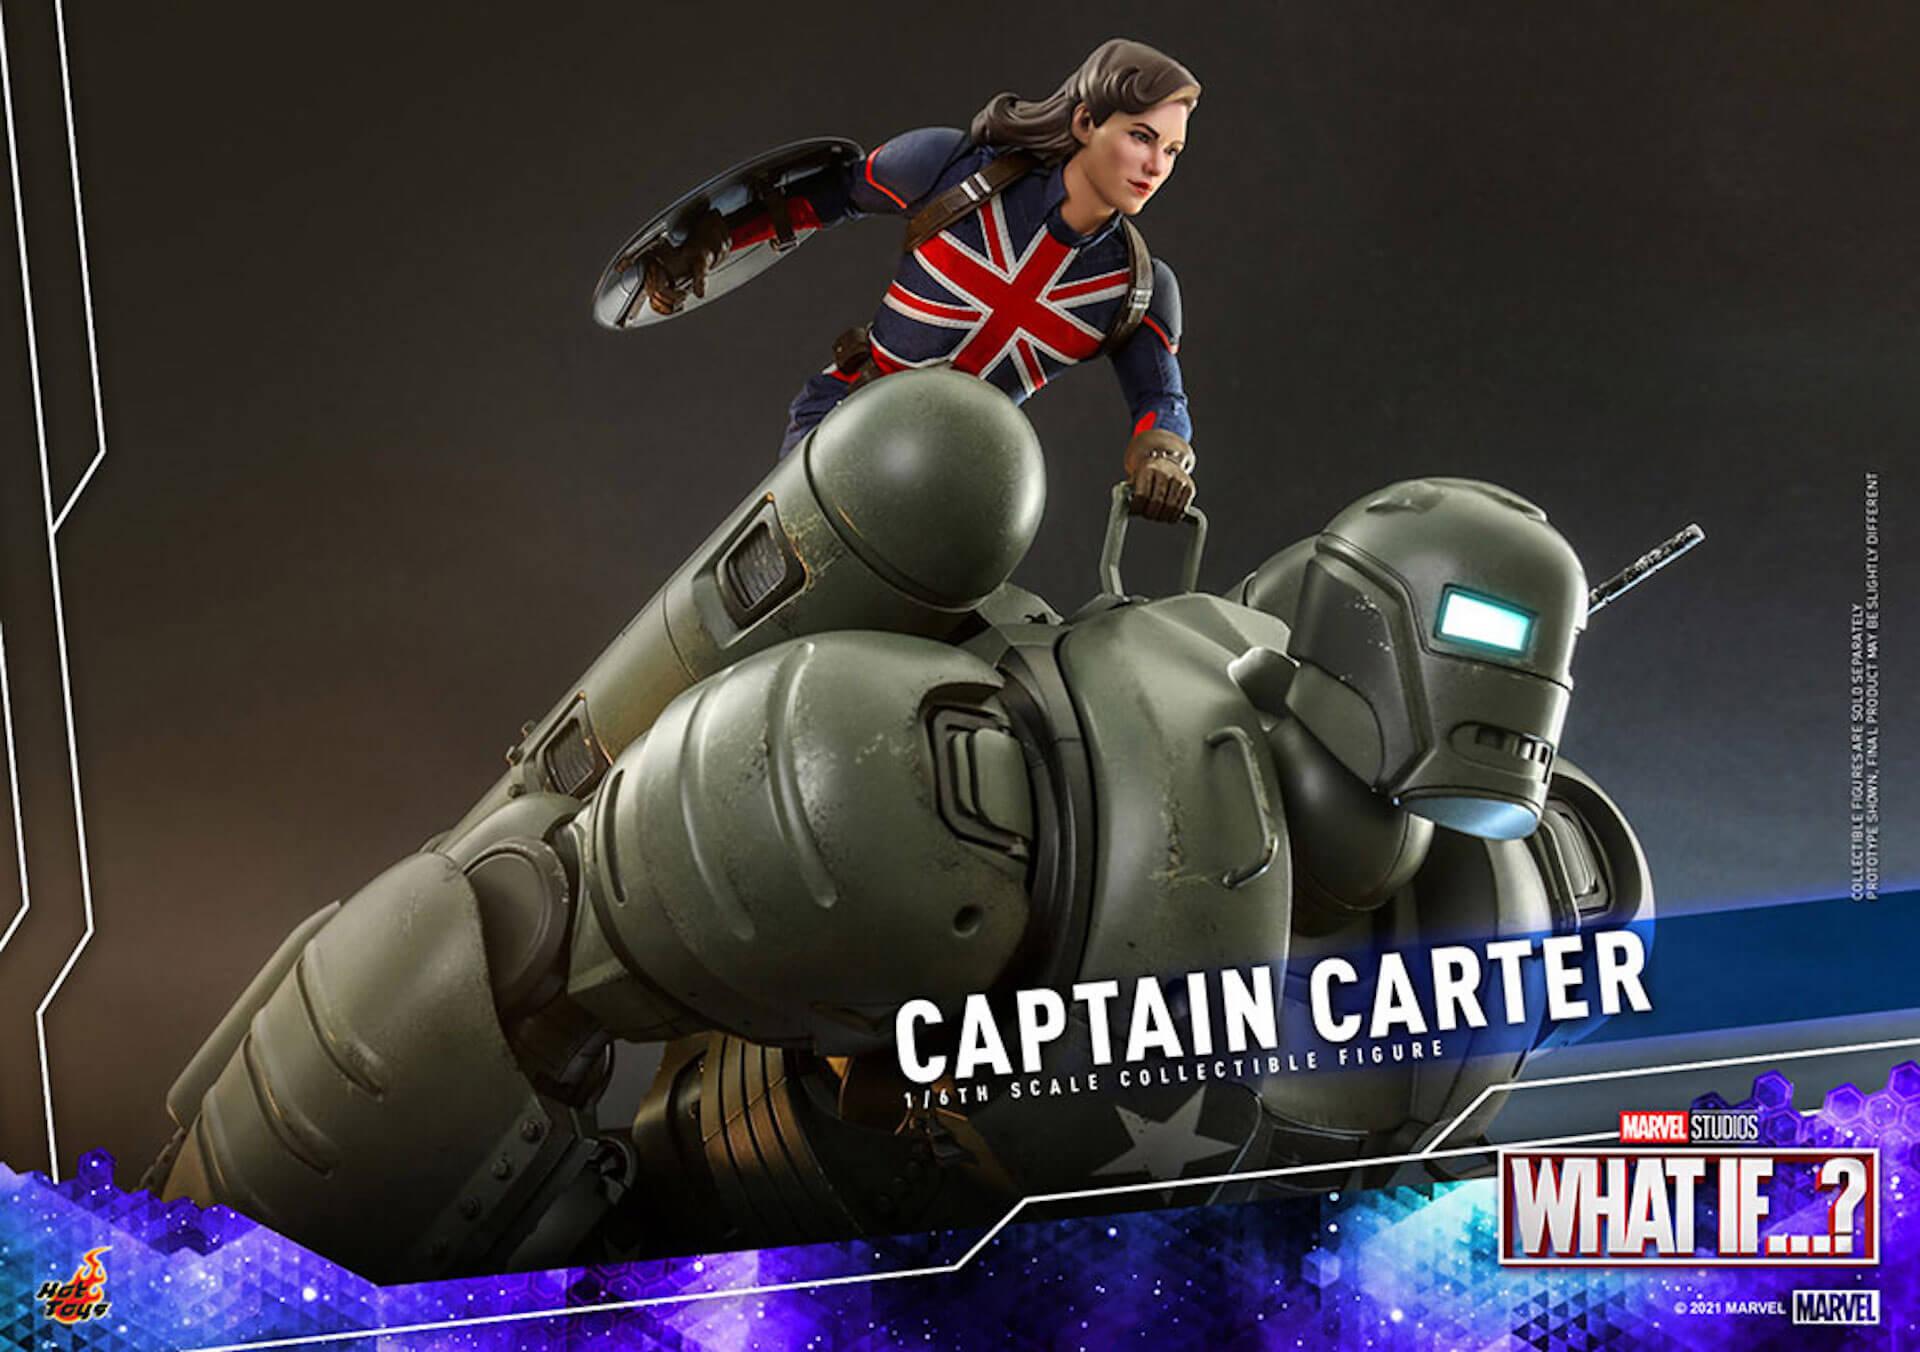 もしもの世界のヒーローがフィギュアに!マーベル・スタジオ『ホワット・イフ...?』のキャプテン・カーターがホットトイズより登場 art210921_captaincarter_hottoys_1